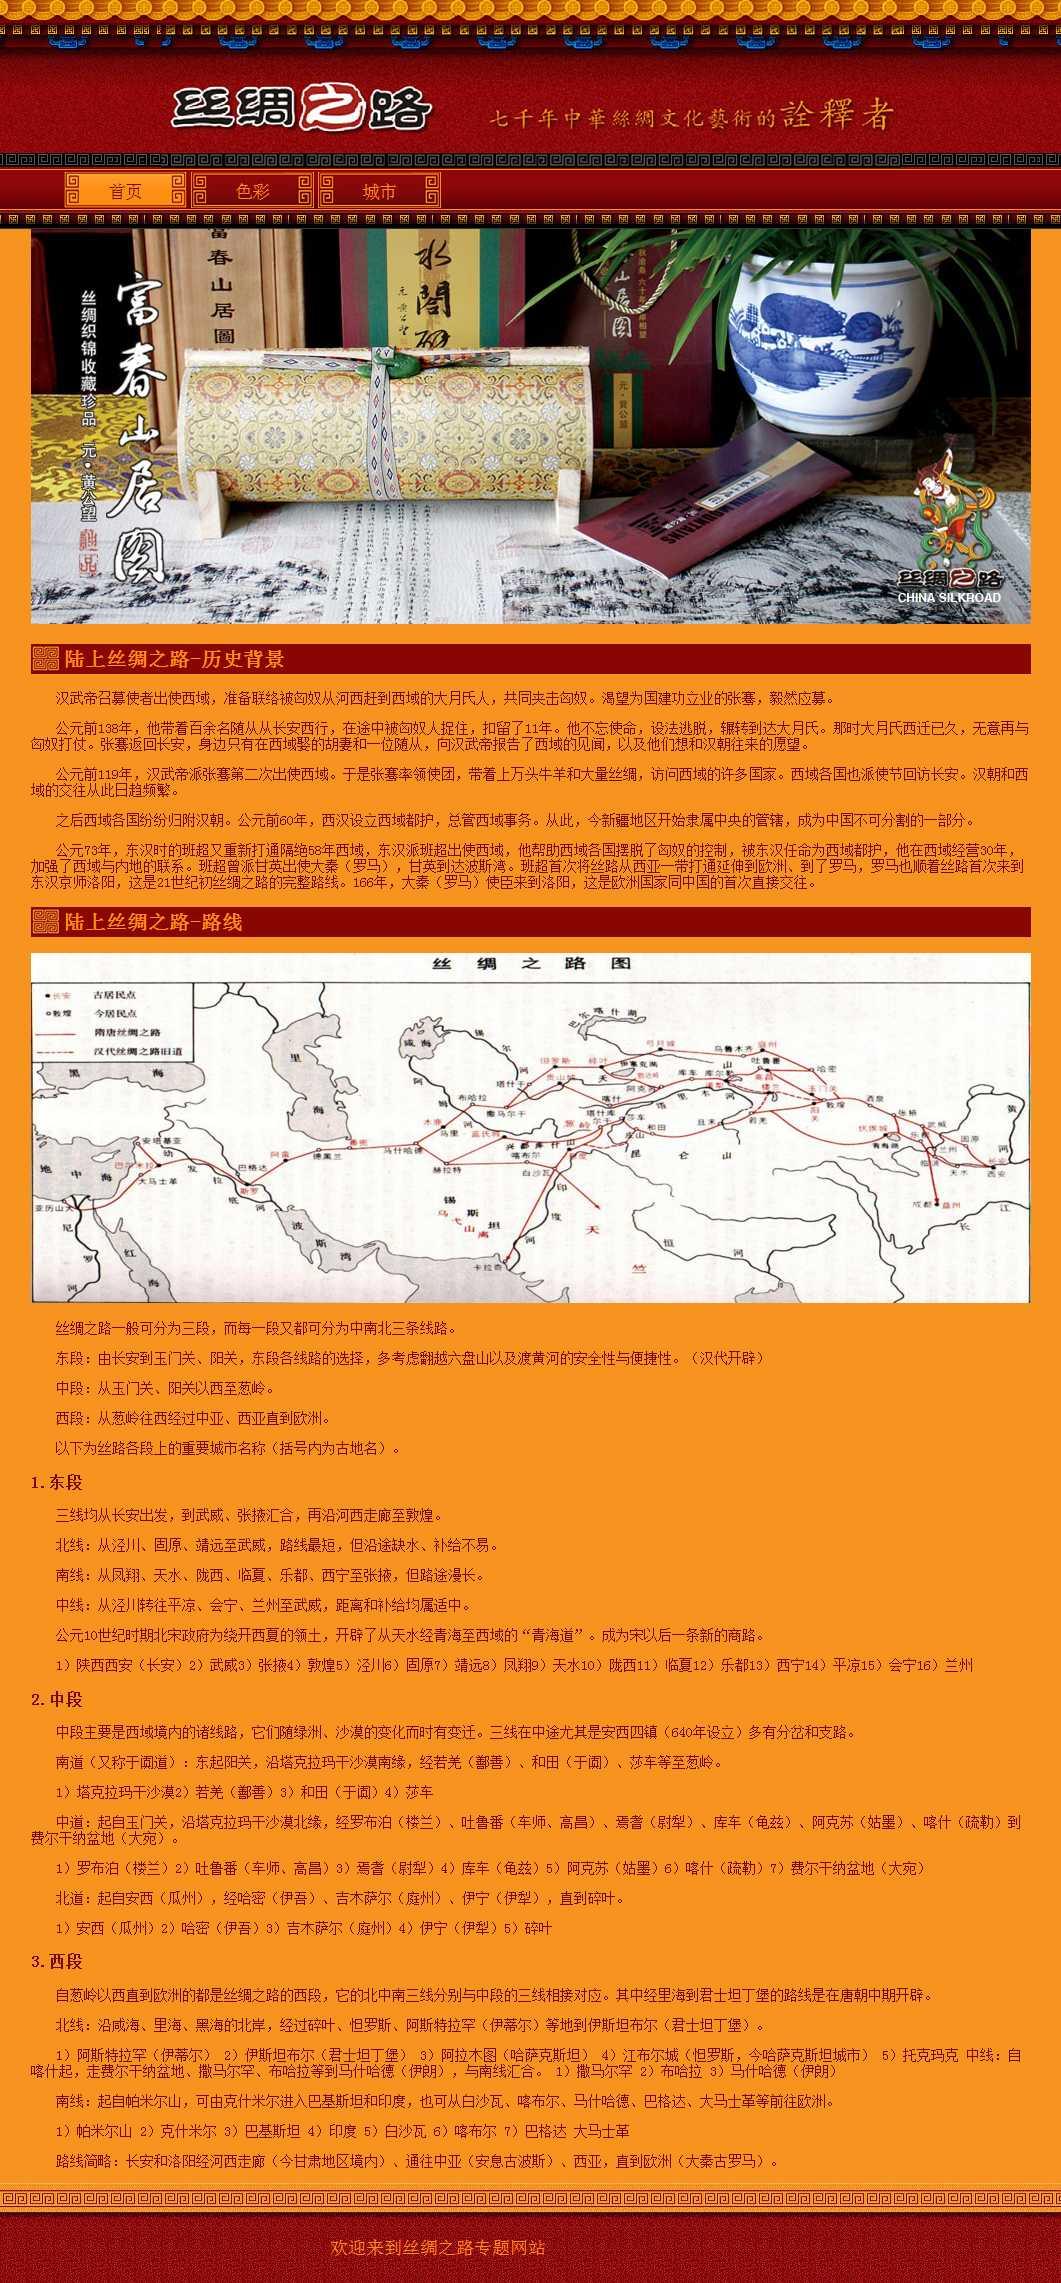 丝绸之路介绍,网页静态页html切图下载